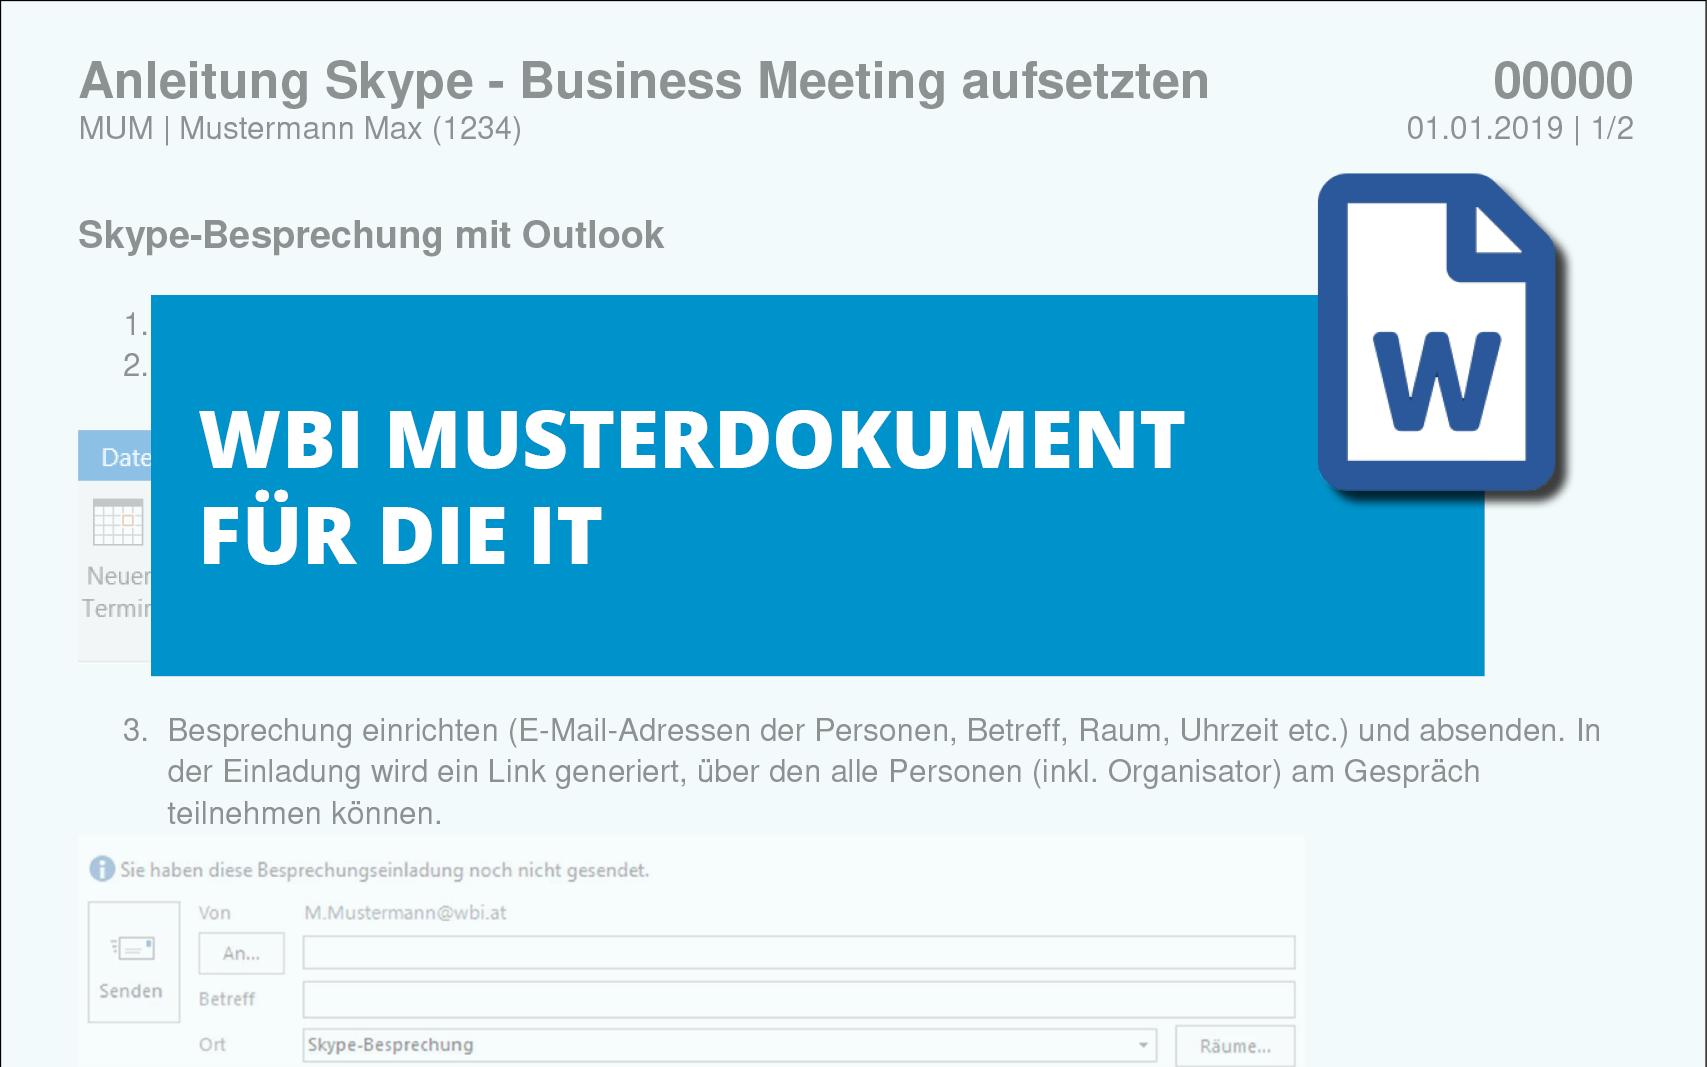 anleitung-skype-business-meeting-aufsetzten